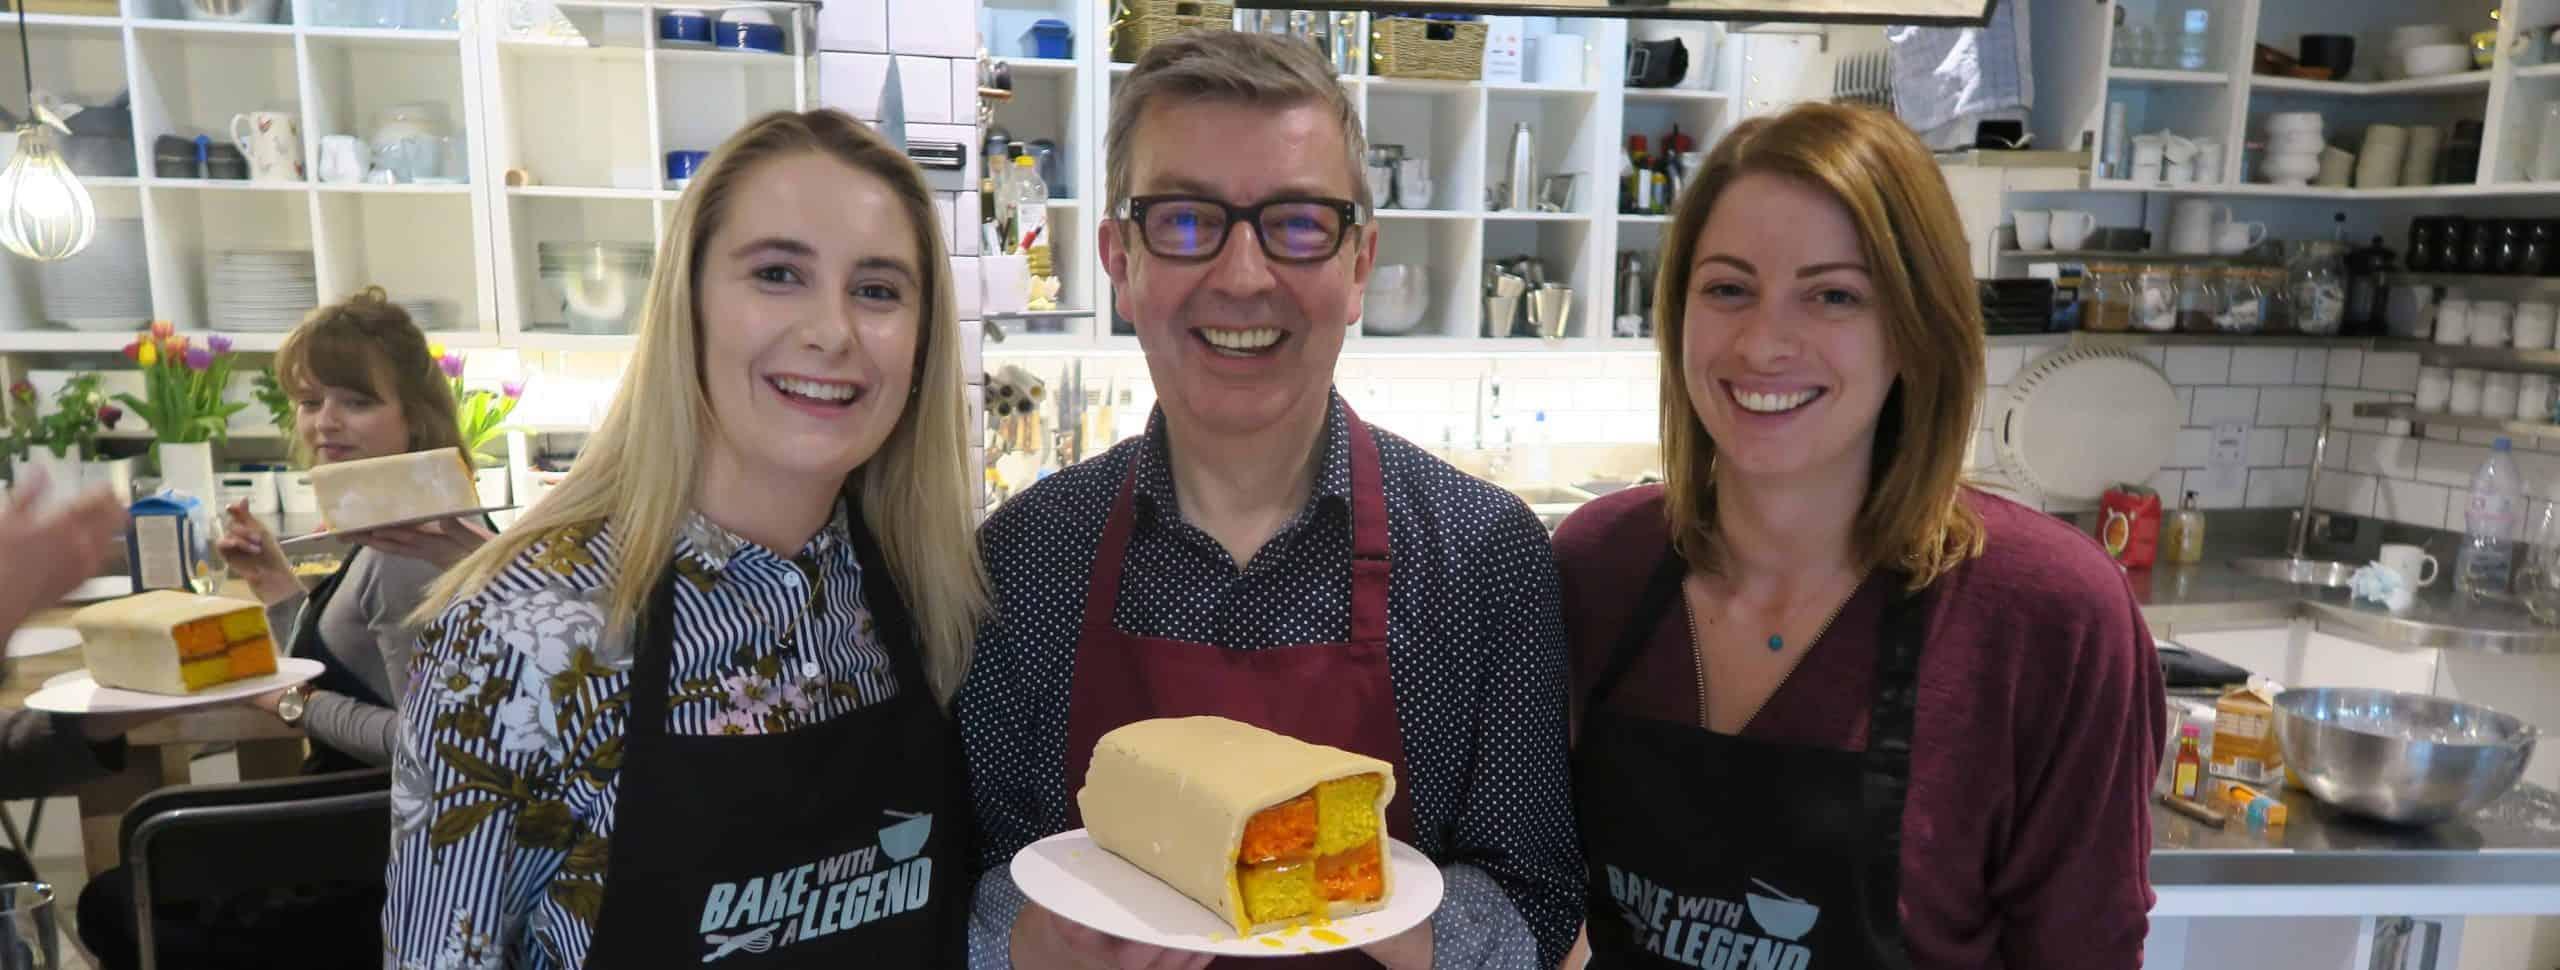 Bake with a legend howard middleton bake off